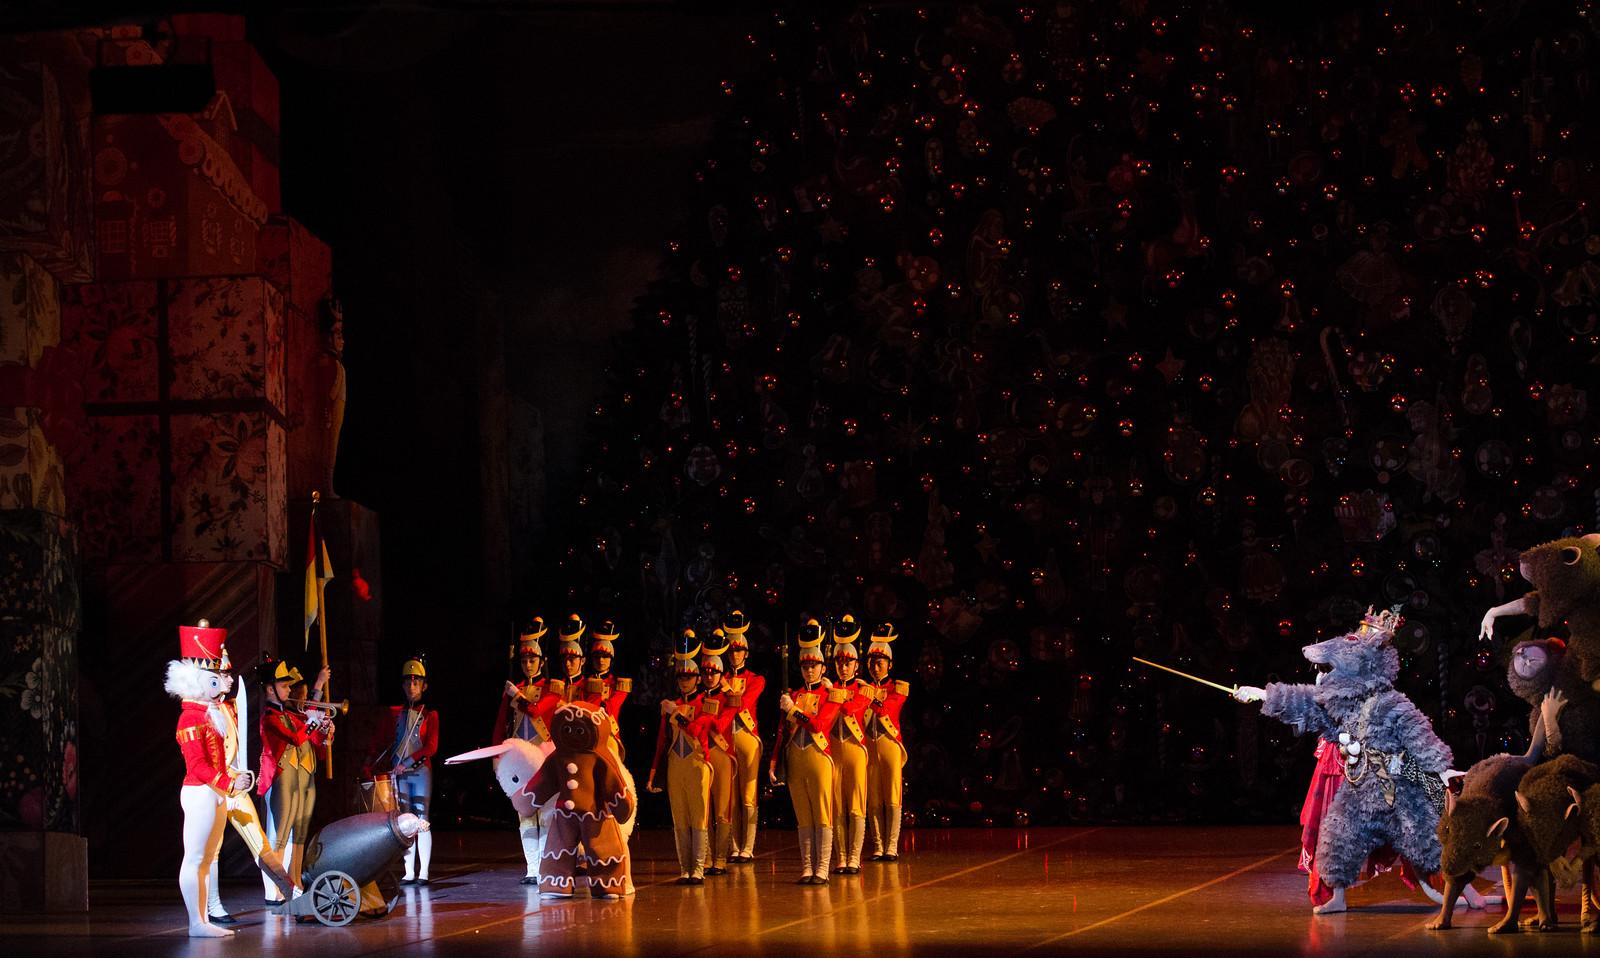 Presentación de El cascanueces del Ballet de Boston